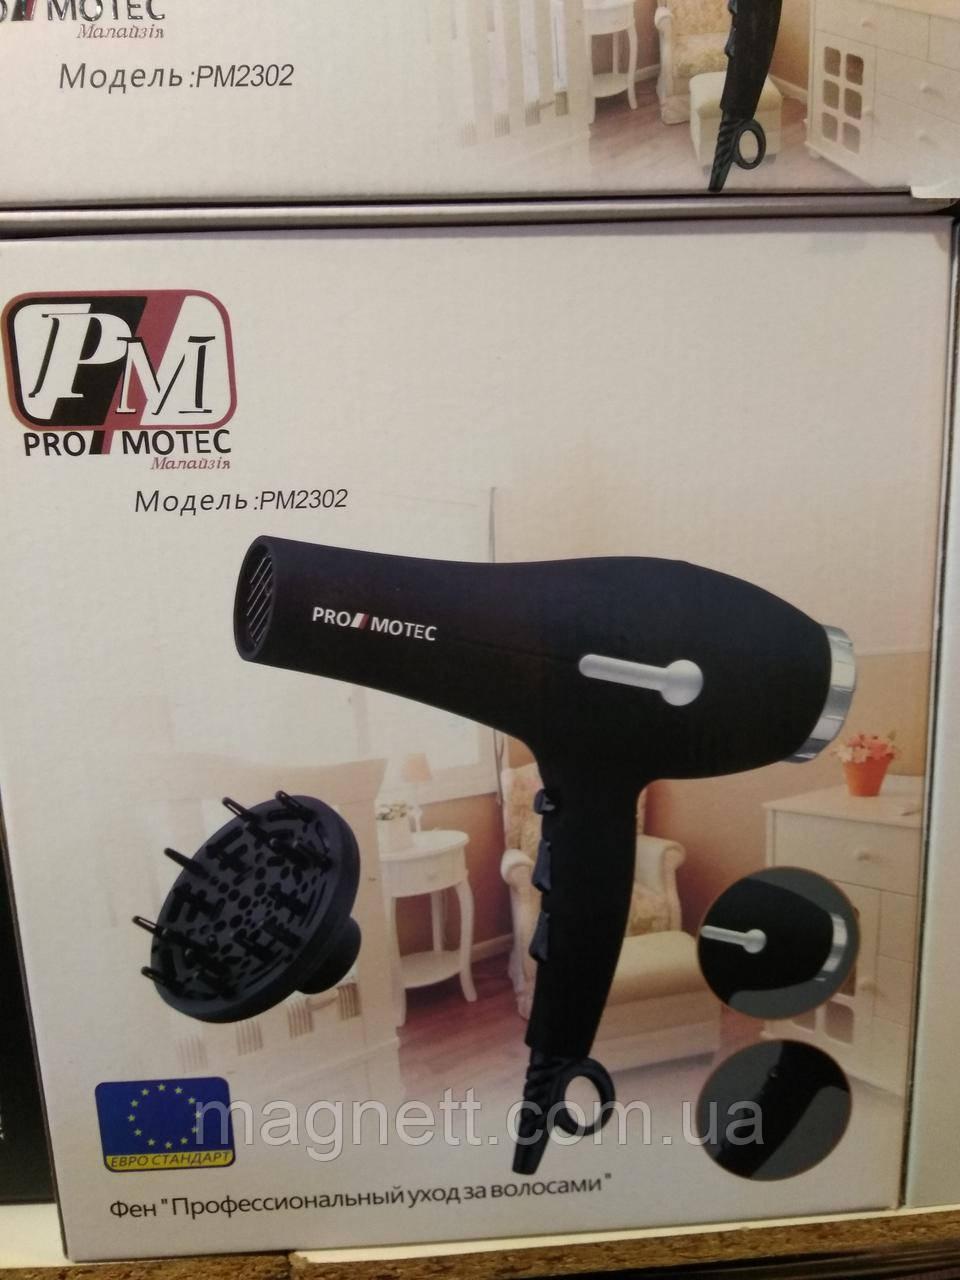 Фен PM 2302 ProMotec-New 3000W